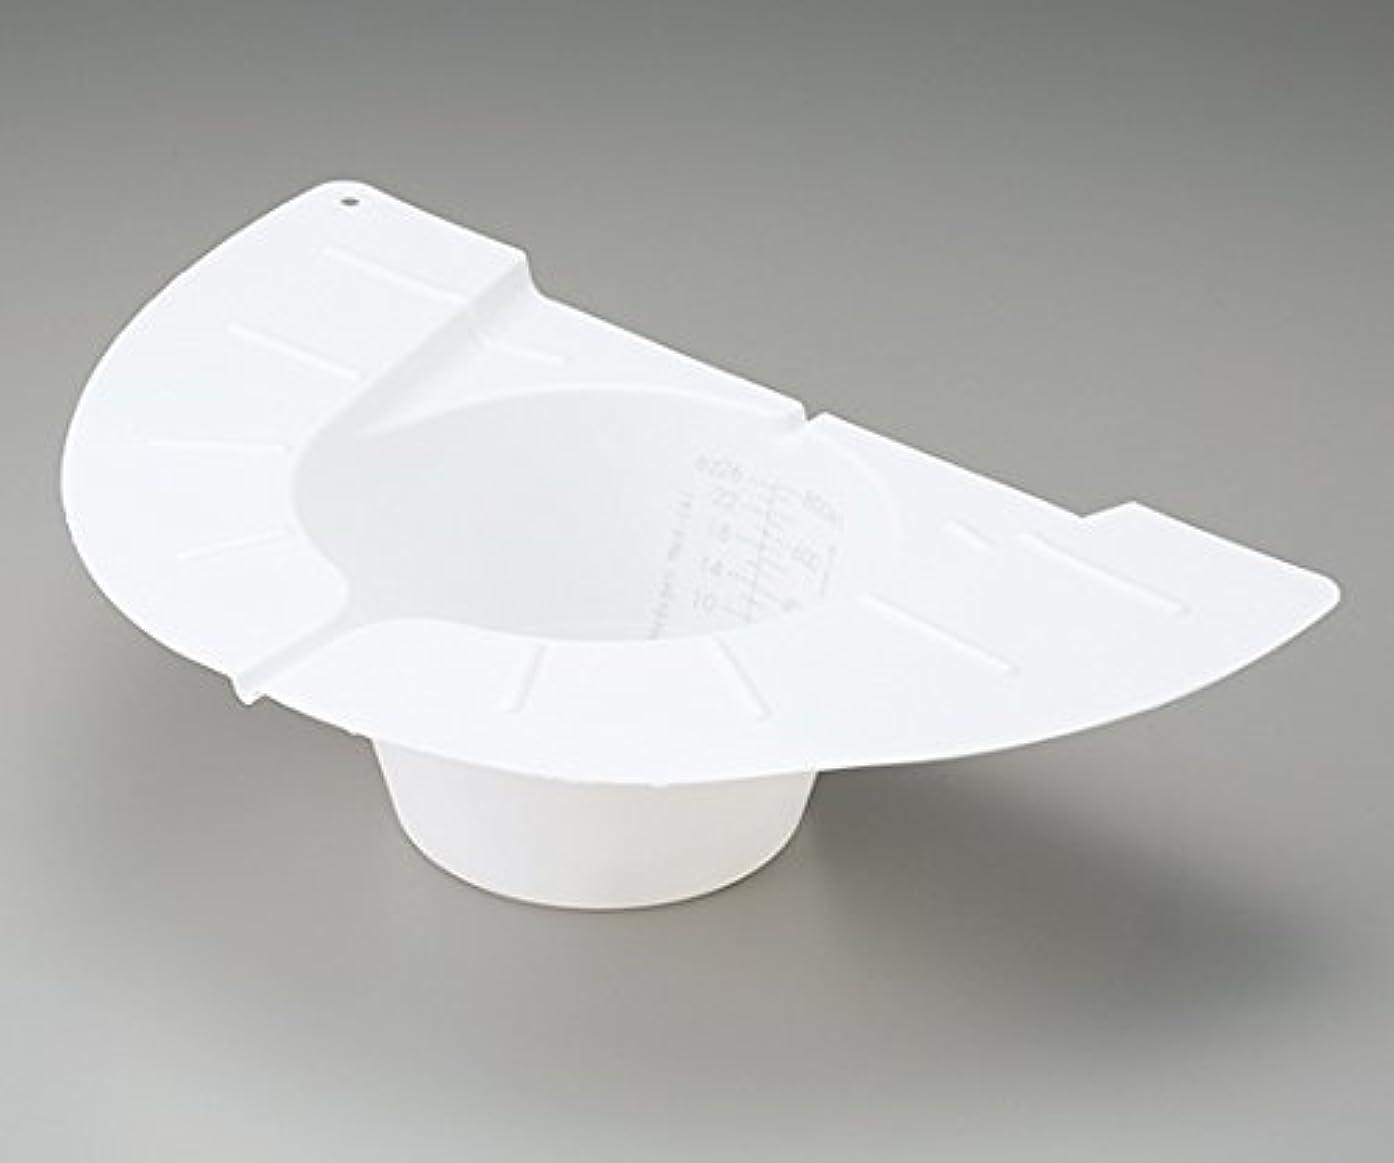 レコーダー不機嫌そうな冗長0-8109-02採尿容器[ユーリパン]02072800mL